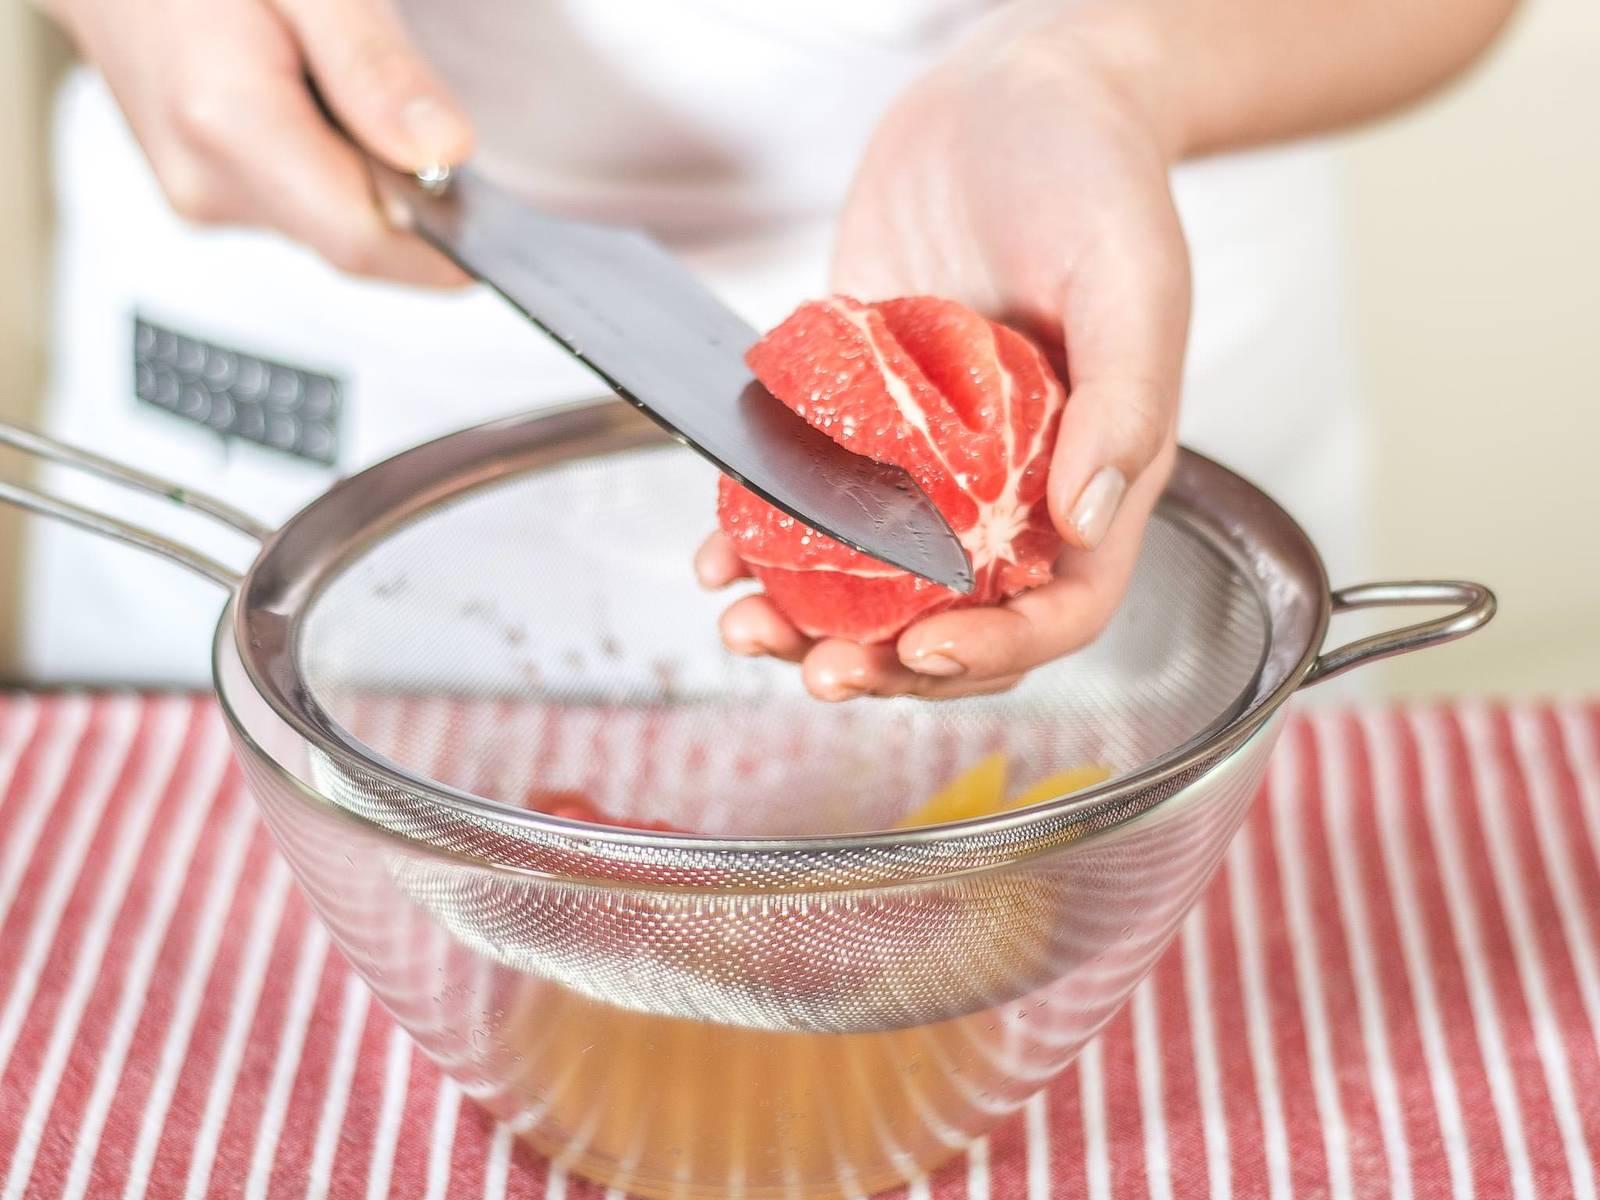 将橙子与葡萄柚的果肉切成瓣状,切果肉时下面放小碗盛接果汁,以备做调味汁用。